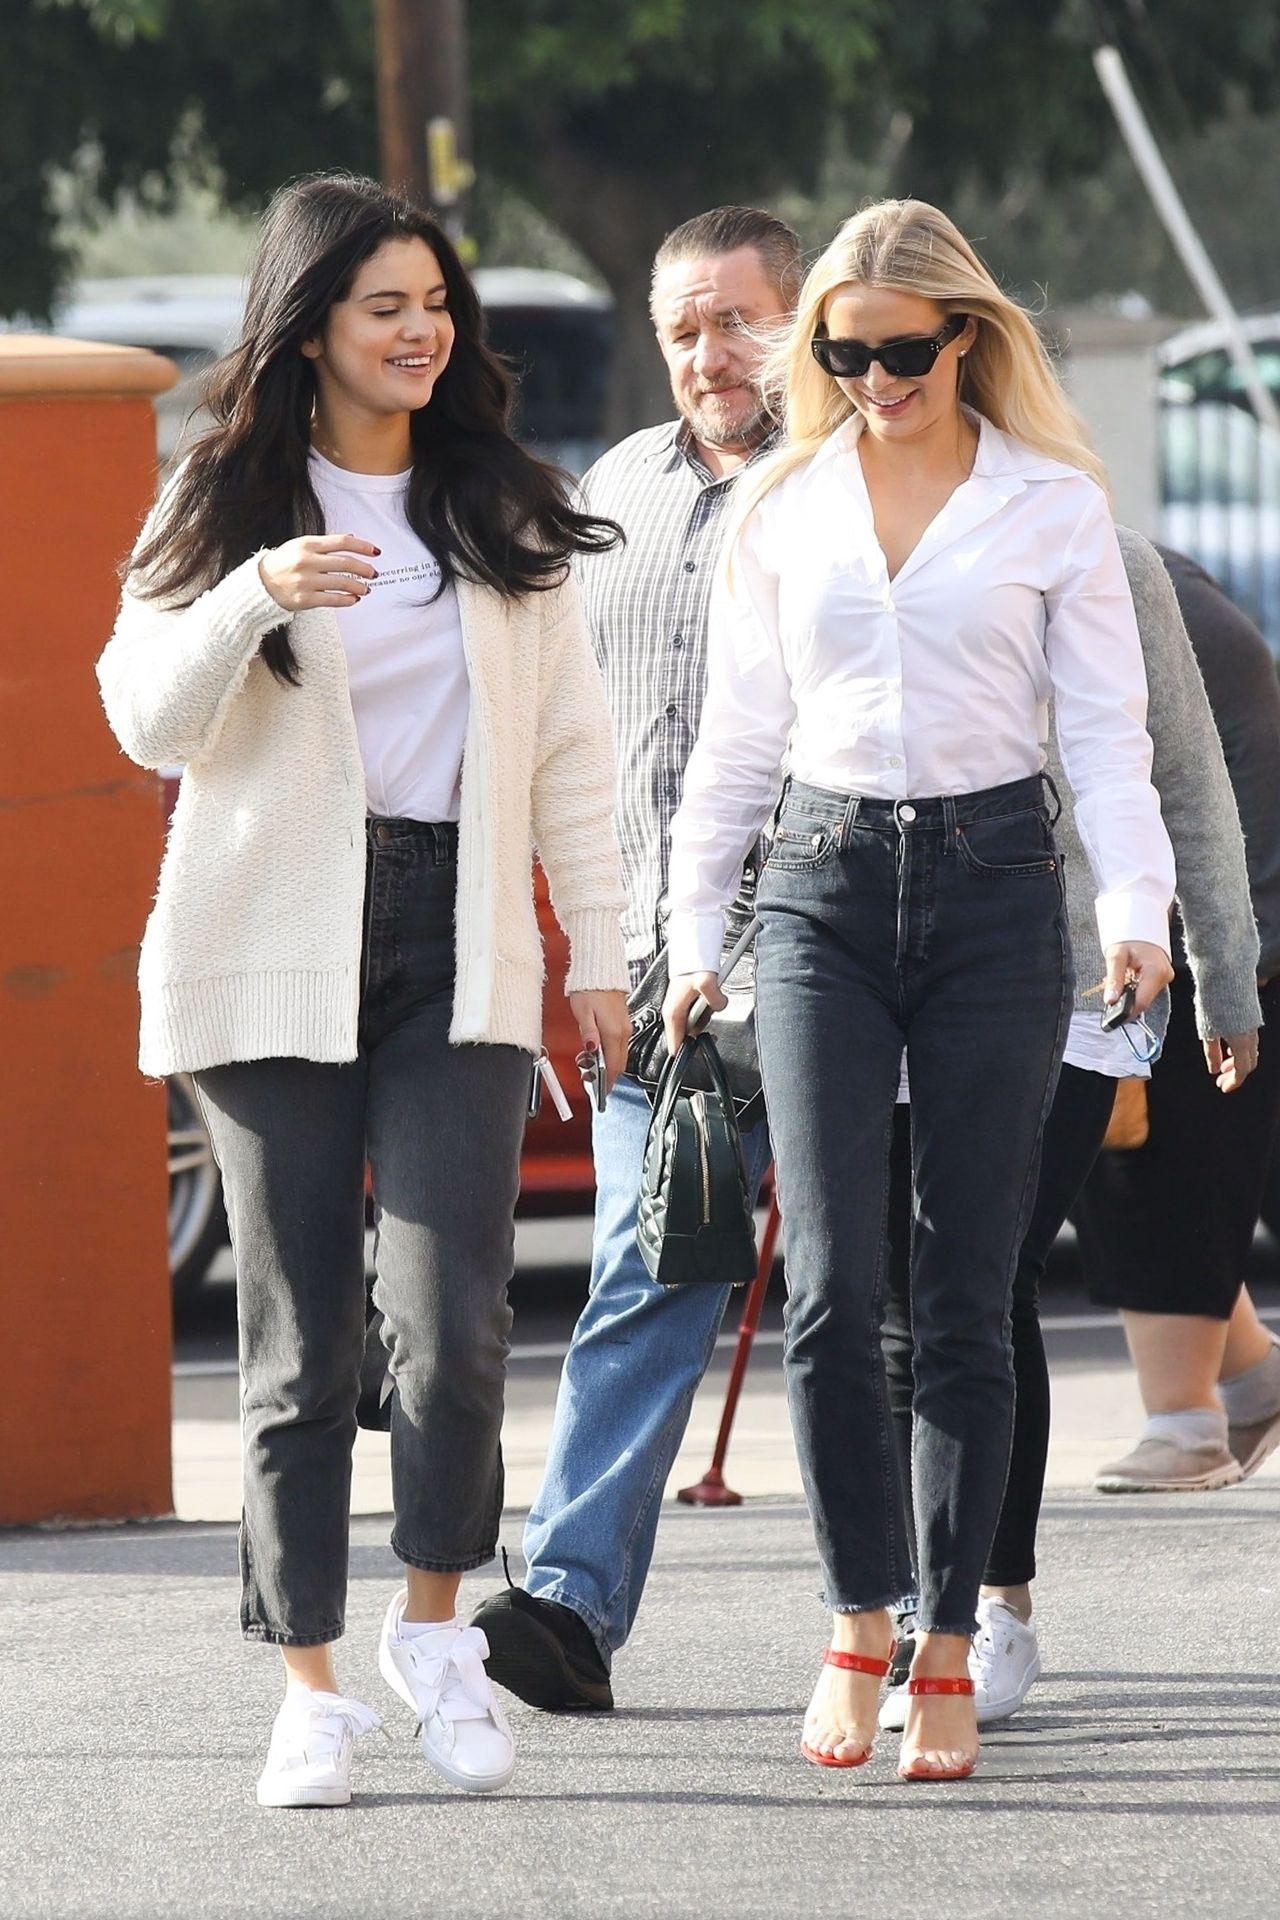 Tak Selena Gomez spędzała święta - poradziła sobie z depresją? (ZDJĘCIA)